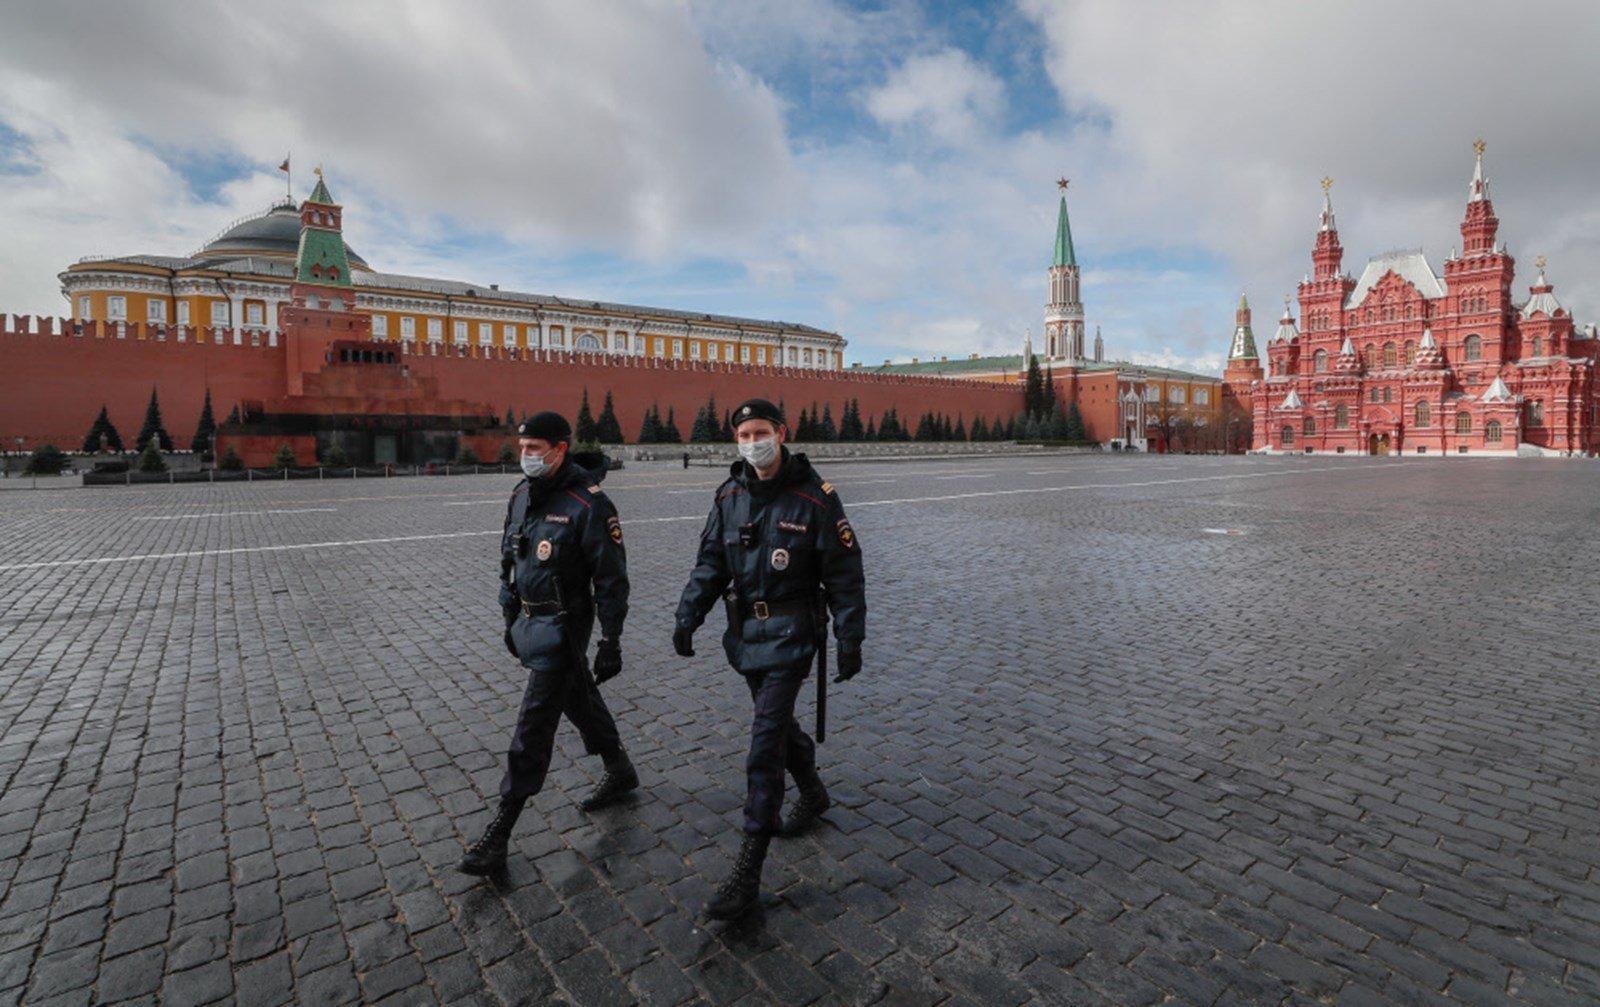 СМИ Австрии: из-за Covid-19 отменён российский военный парад на 9 мая.